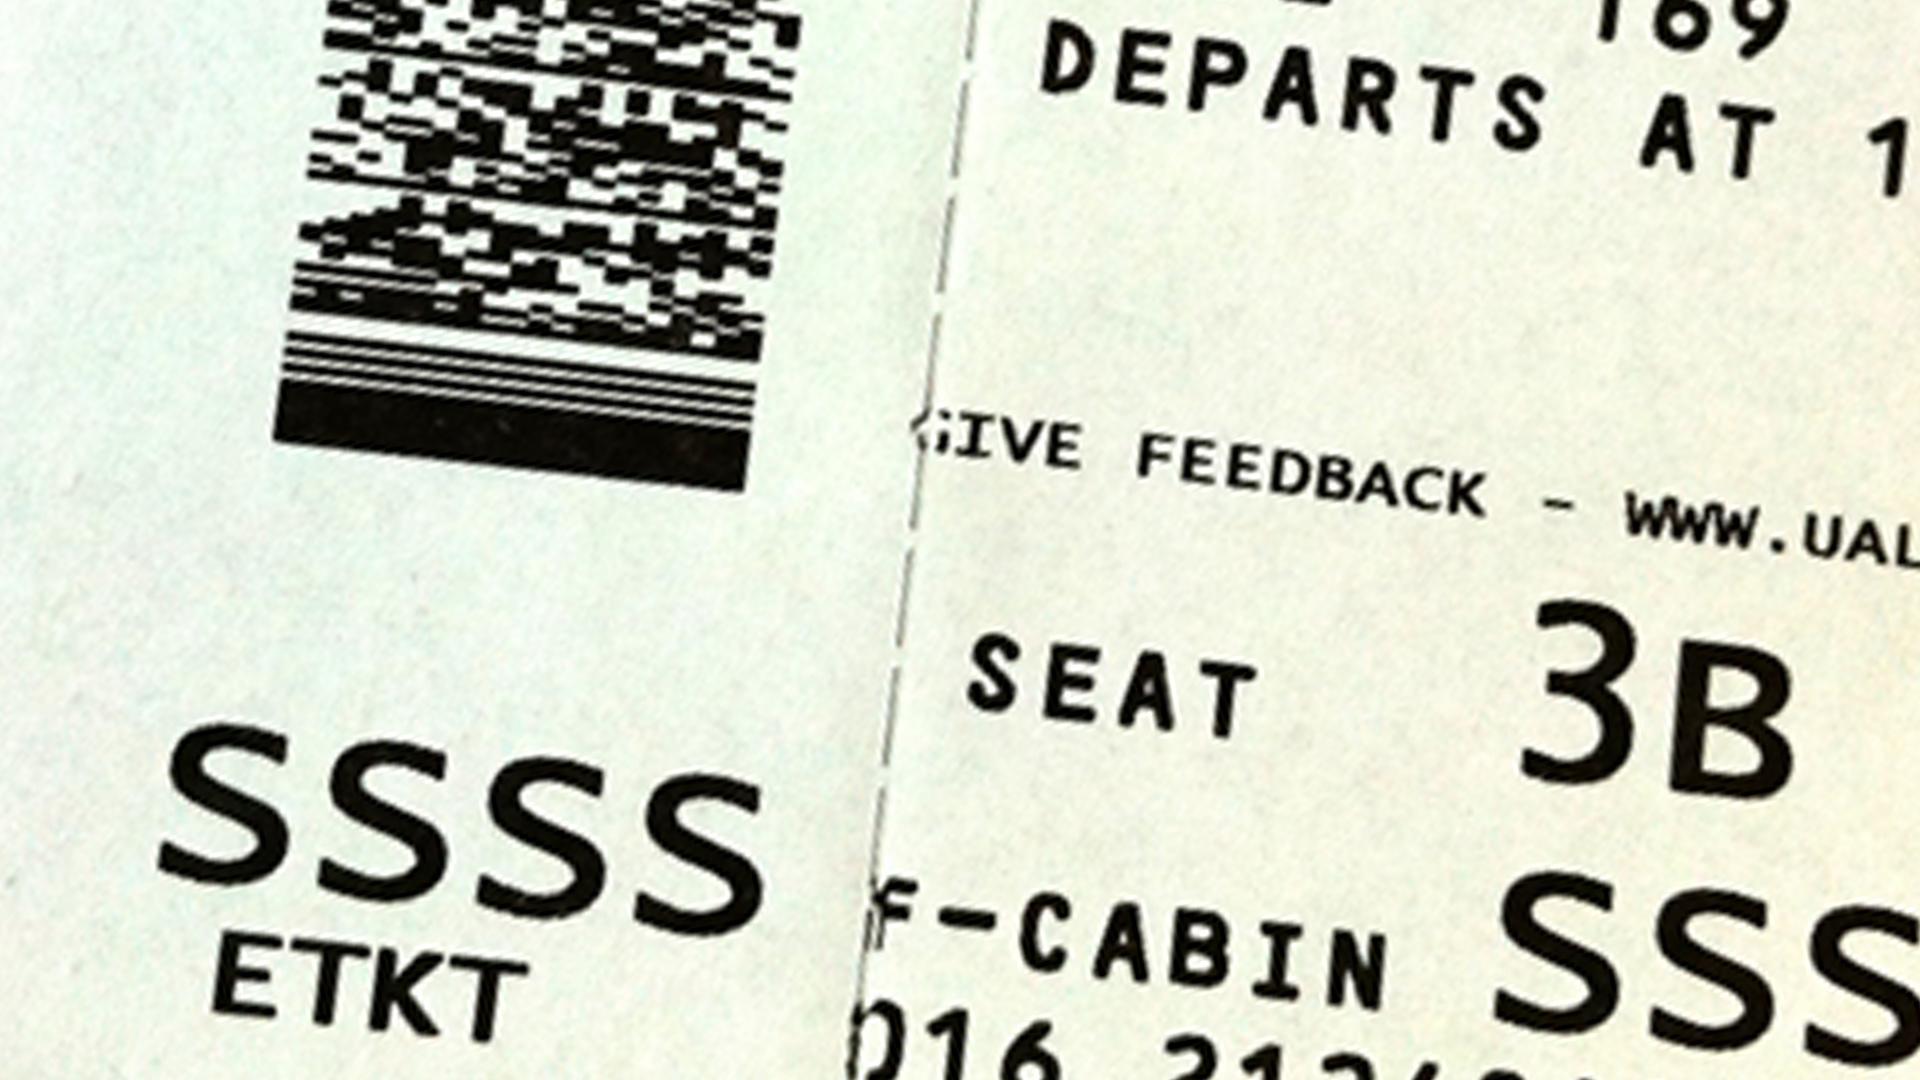 SSSS no cartão de embarque significa que você terá uma vistoria diferenciada antes de embarcar.